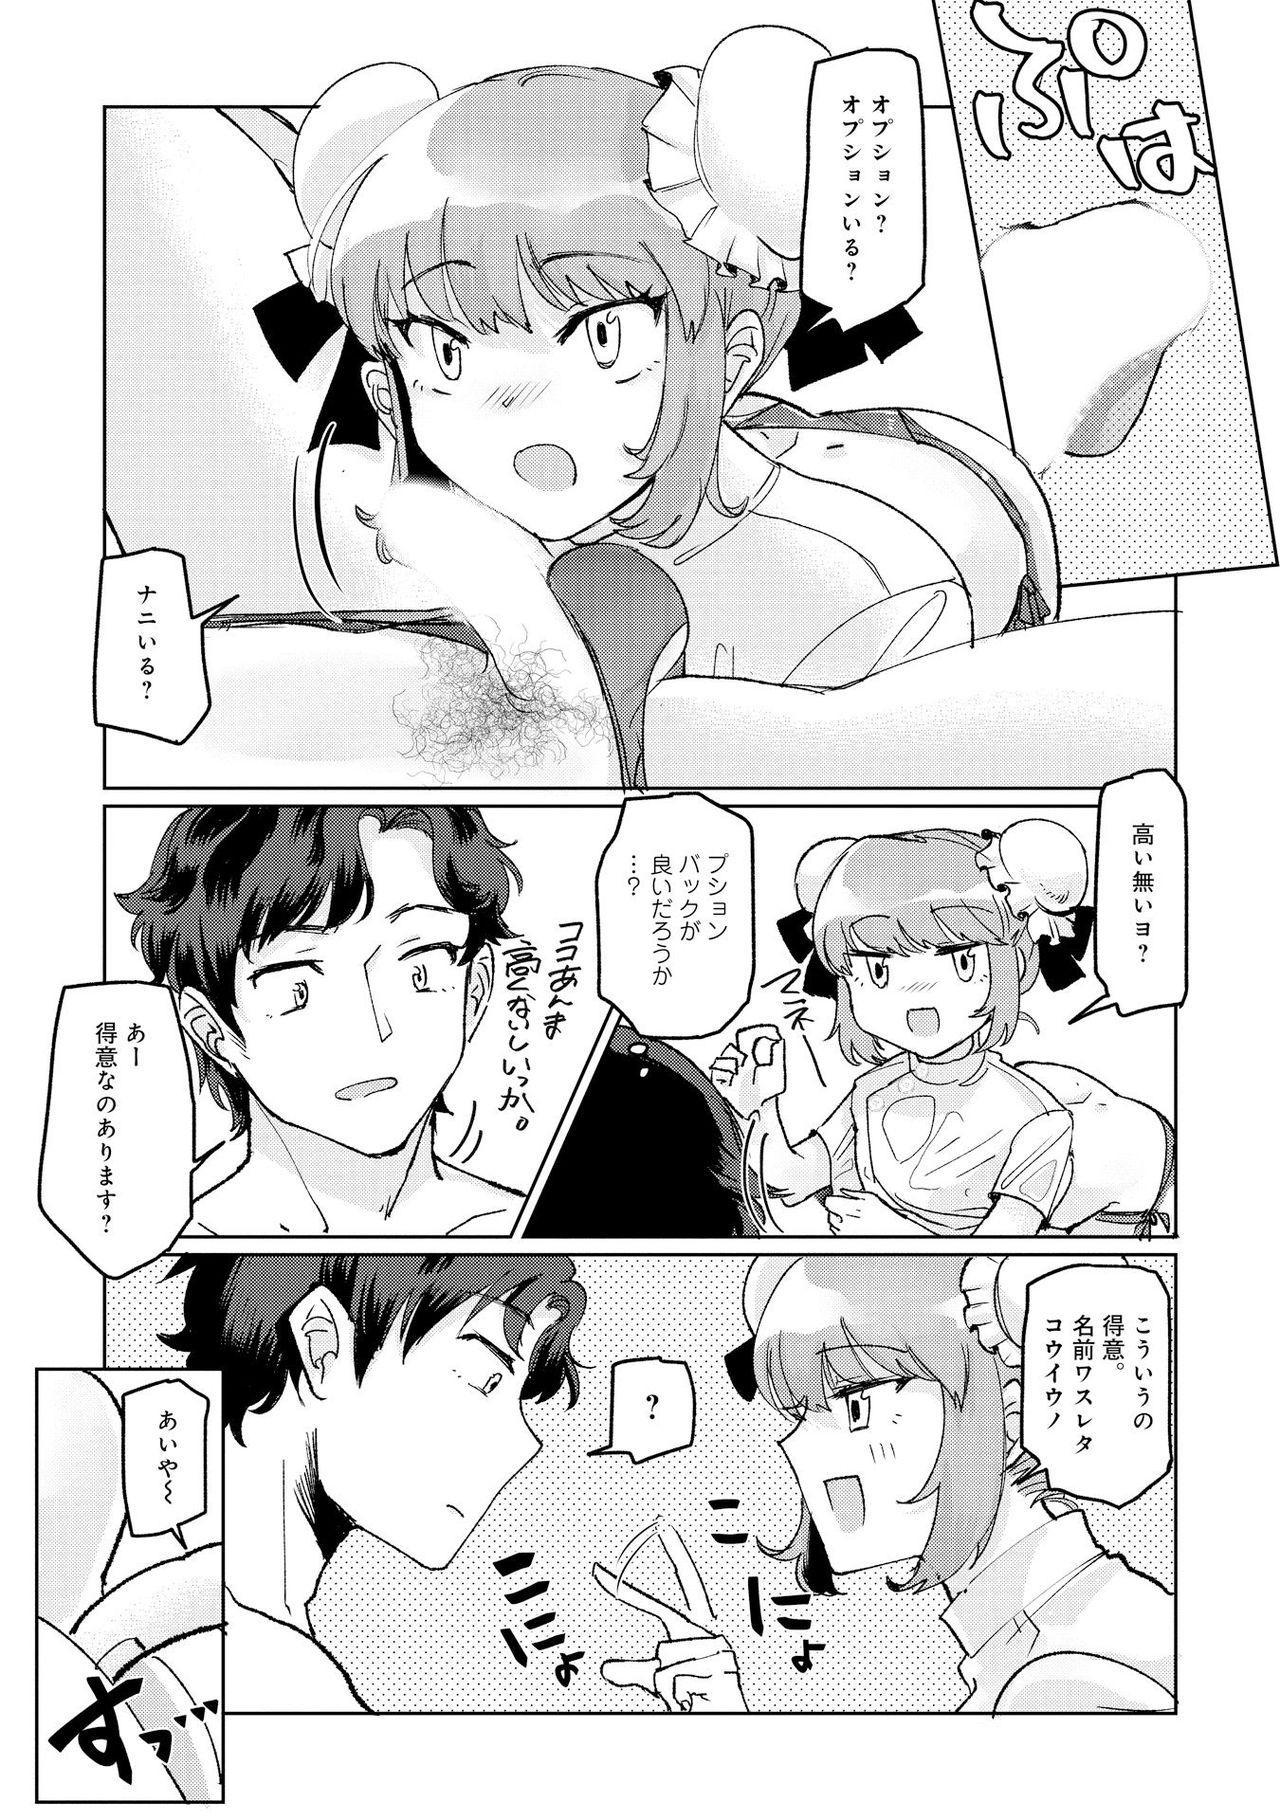 Otokonoko Fuuzoku de Onnanoko Mitai ni Ikasarechau Anthology 2 uragaeshi 62